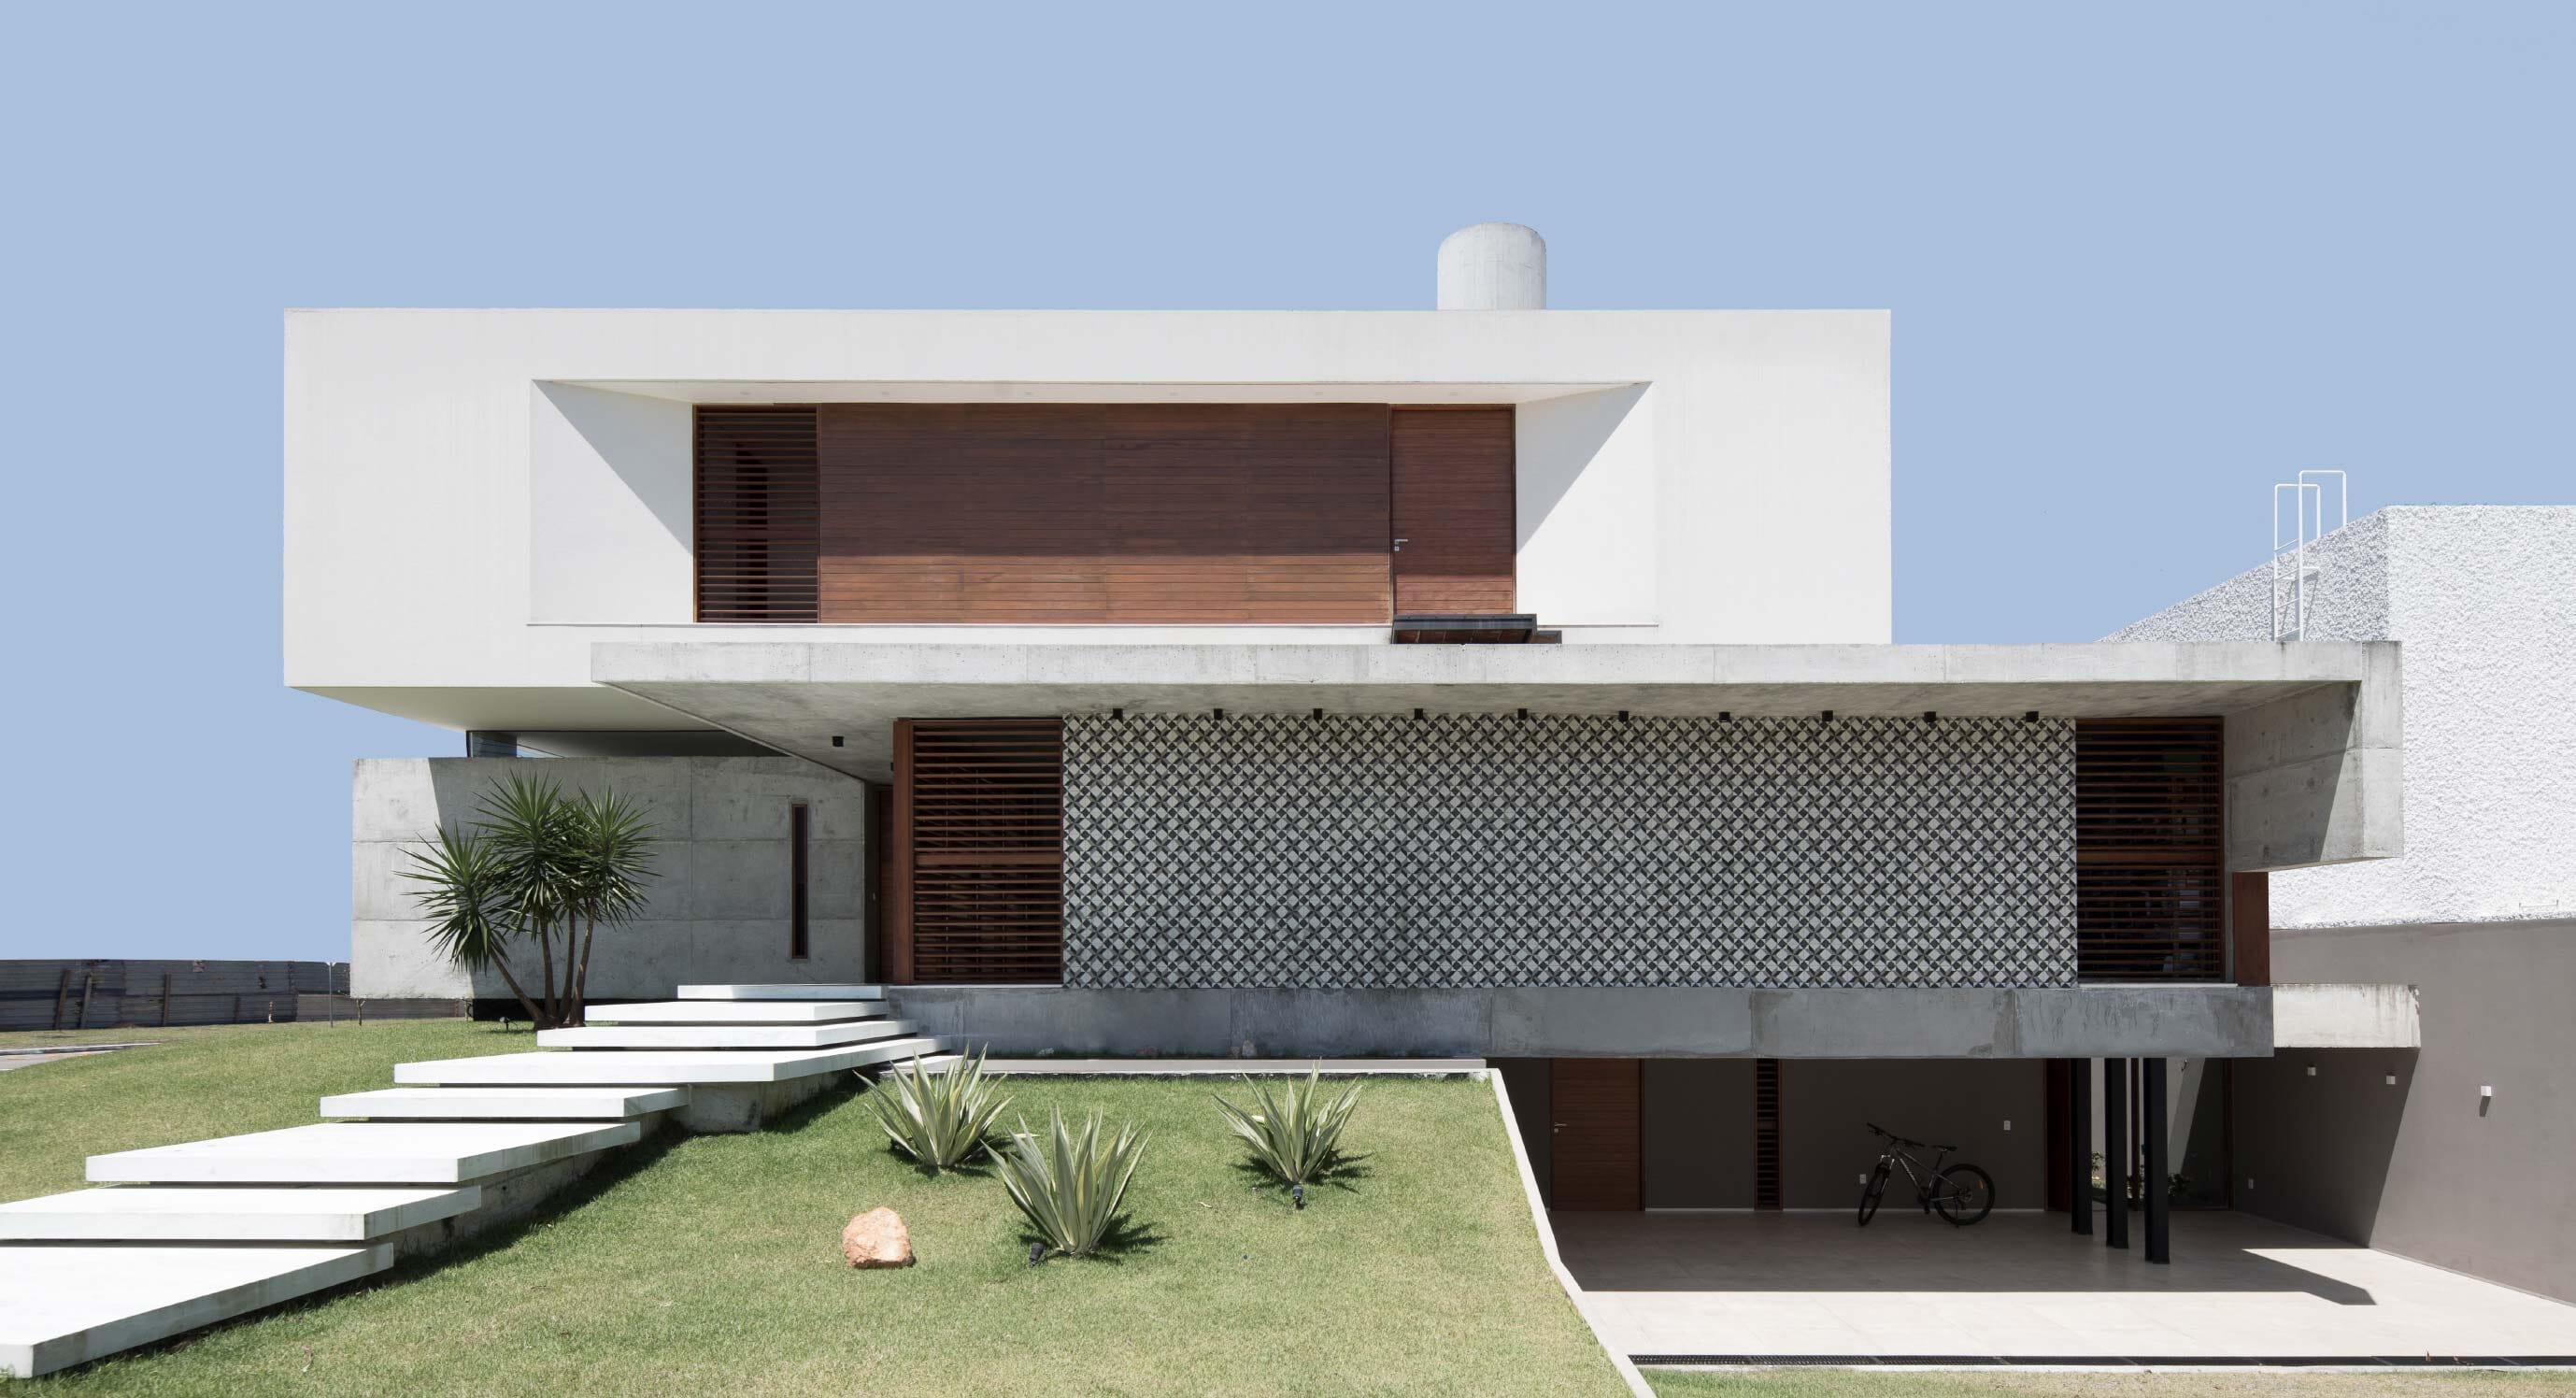 Martins Lucena Arquitetos' Concrete Coastal Home In Brazil